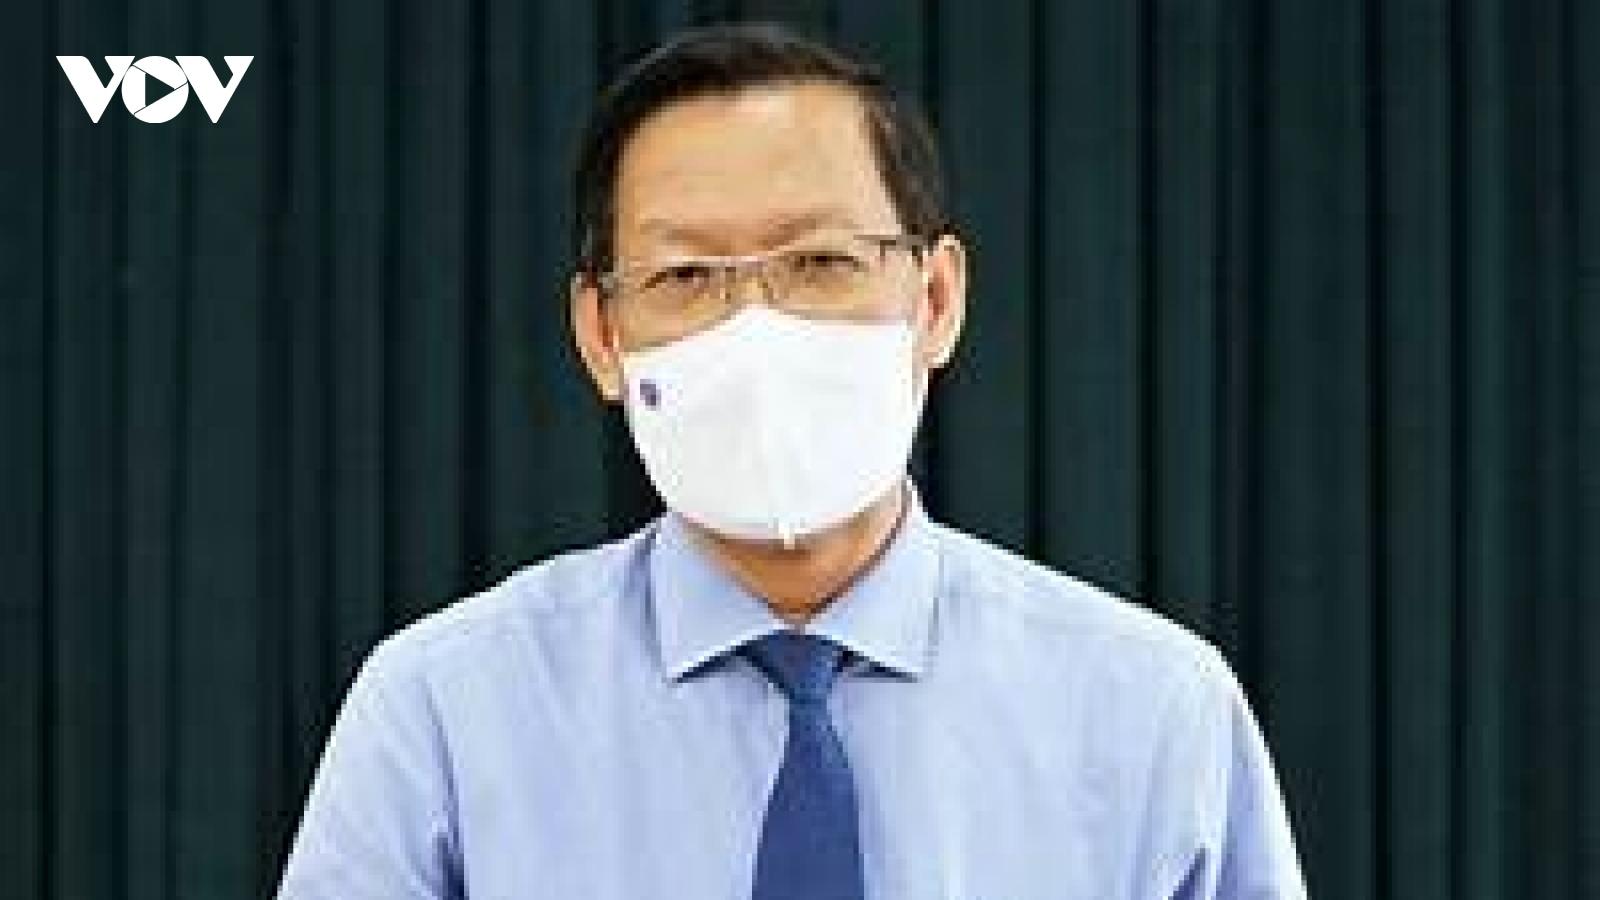 Tối nay 6/9, Chủ tịch TP.HCM tiếp tục đối thoại với dân về tình hình dịch bệnh